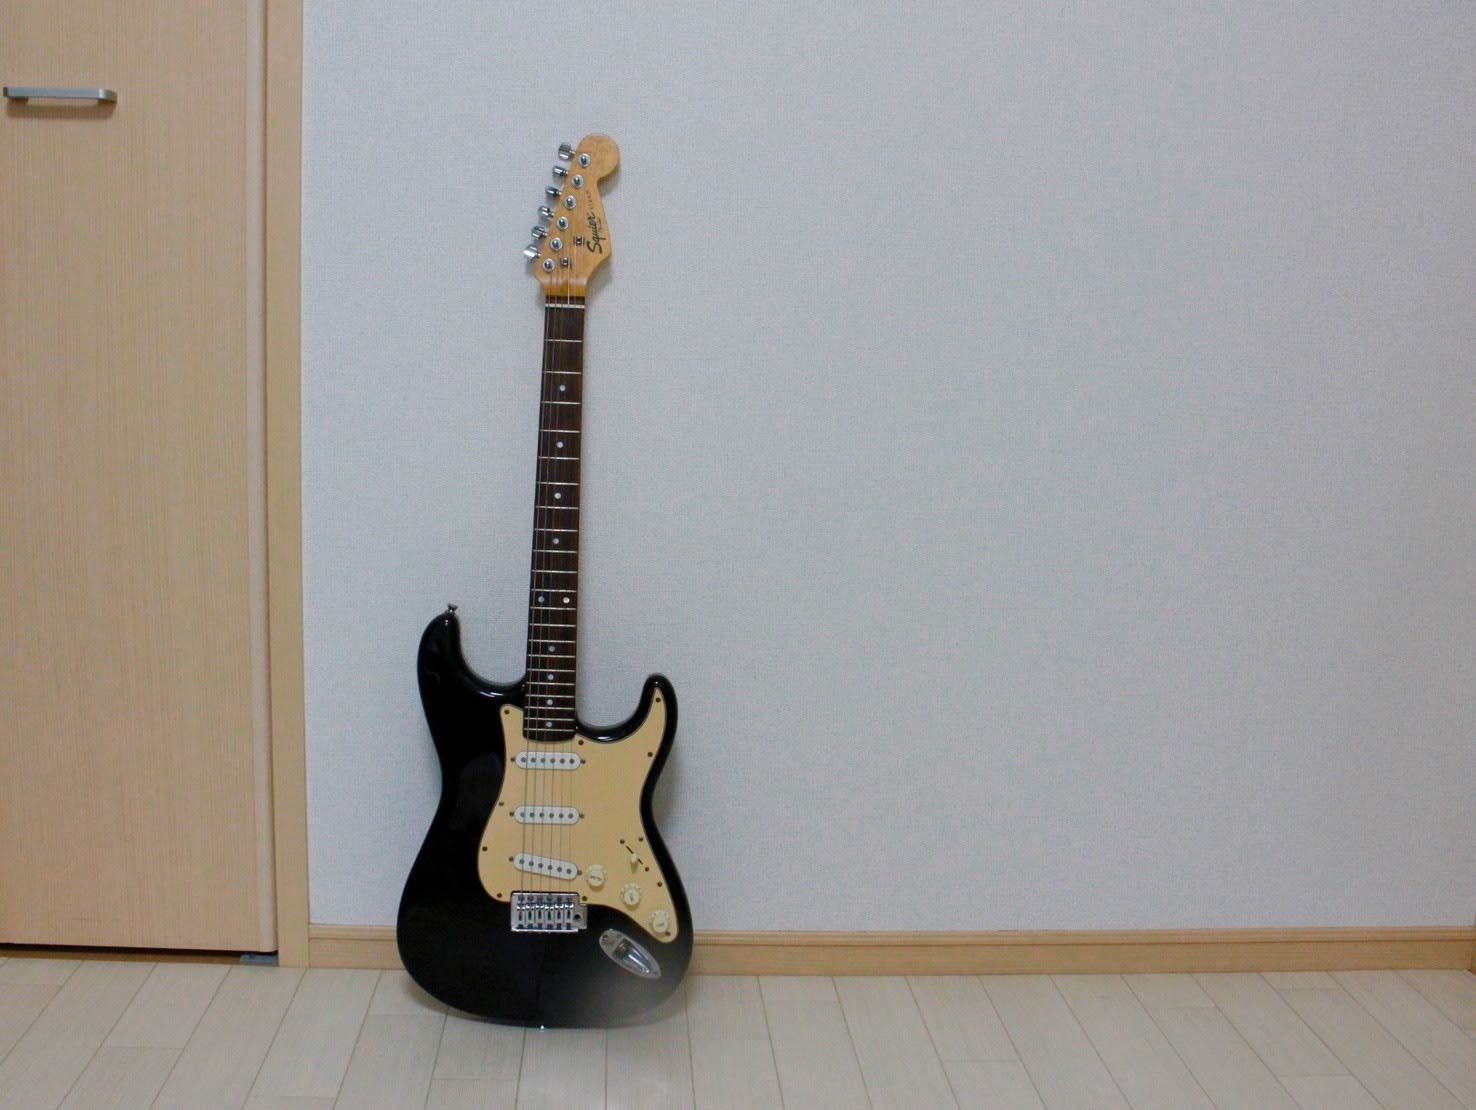 スターペグ・ミュージックでレンタルしたギター